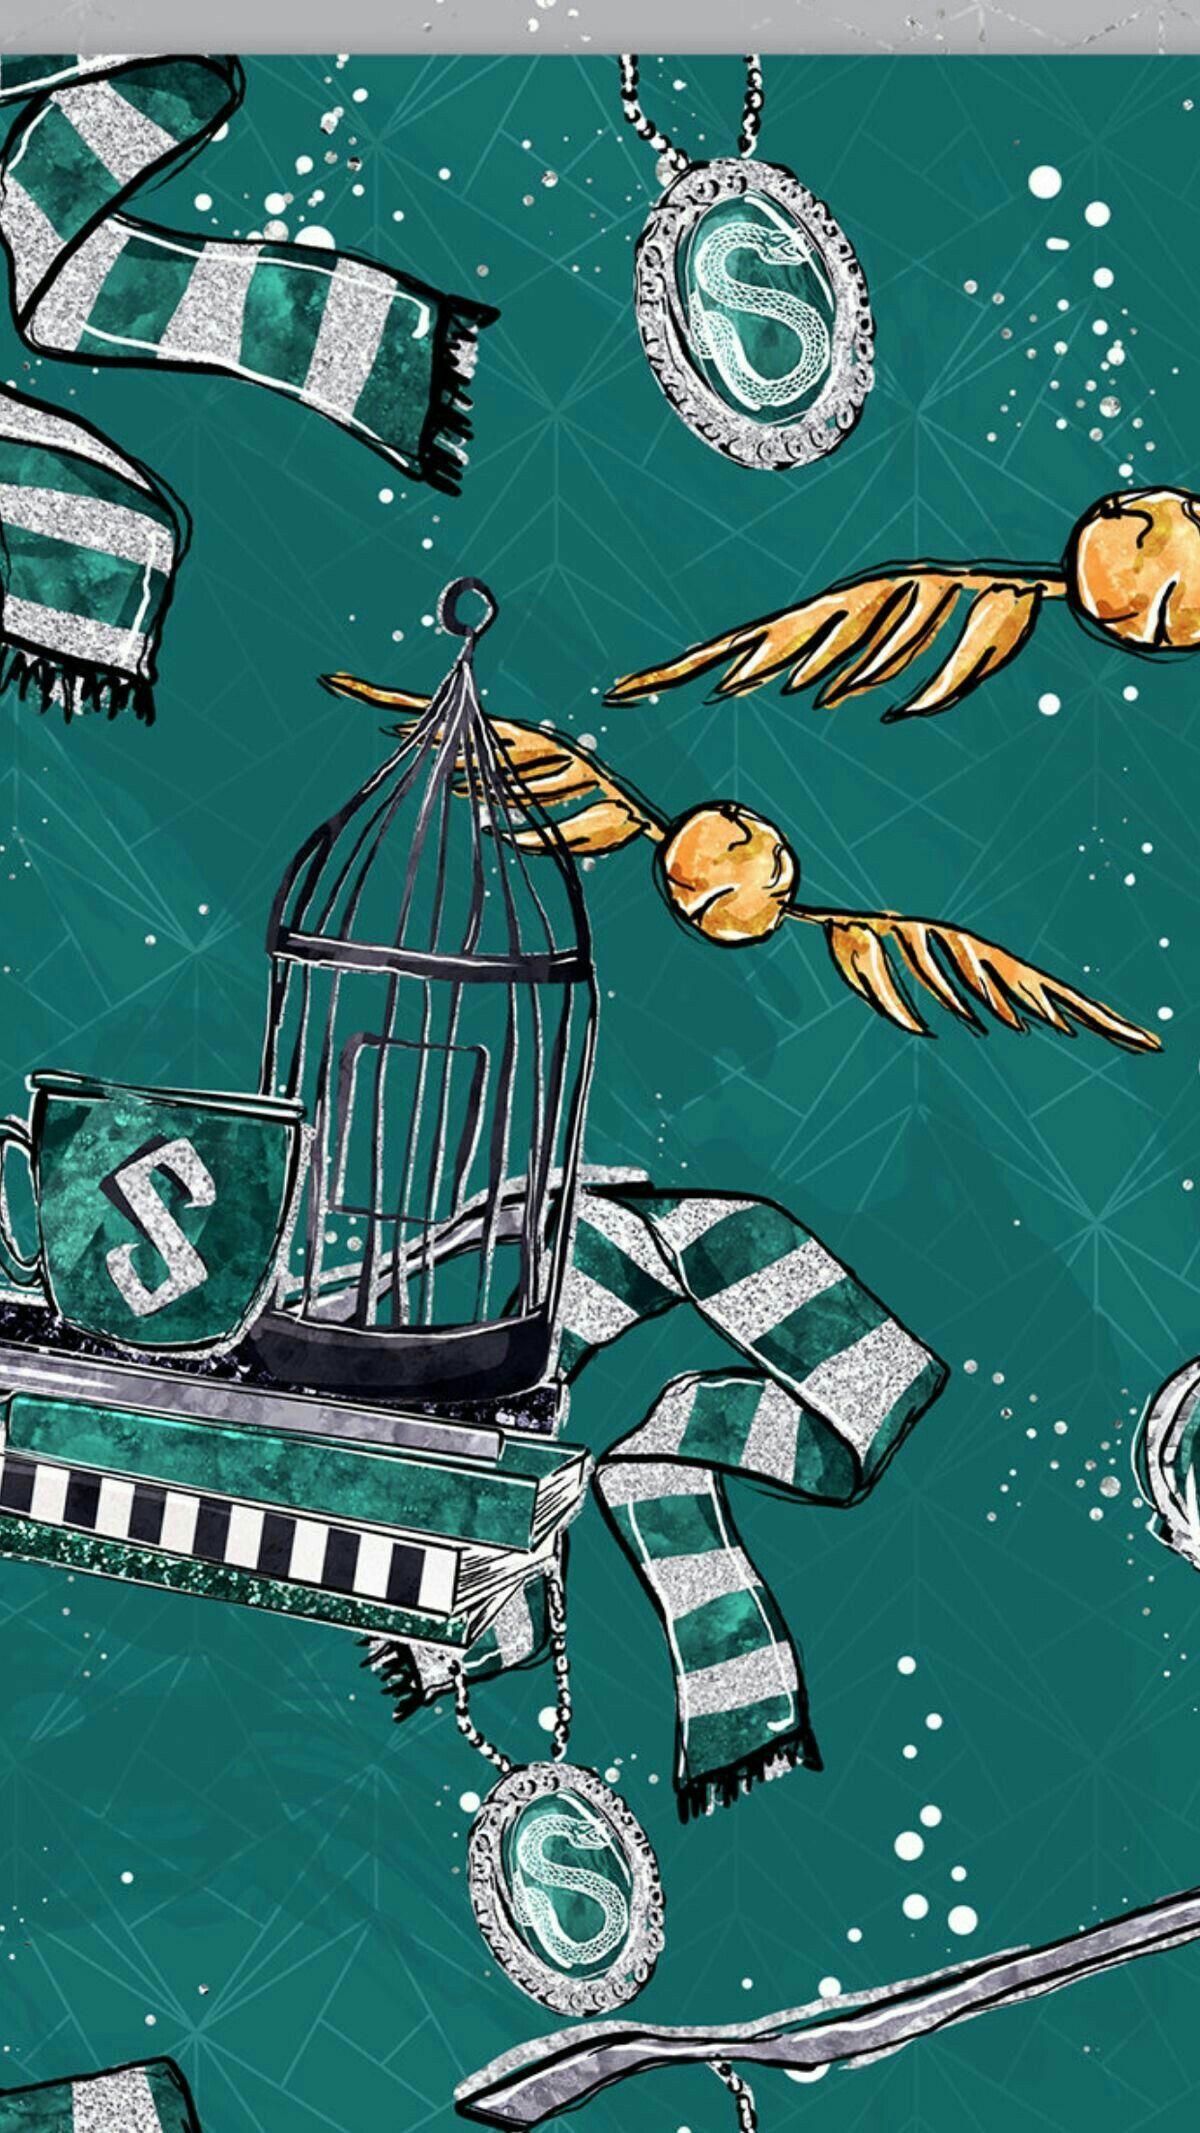 Pin By Kelli Kuan On Harry Potter Fanart Harry Potter Background Harry Potter Wallpaper Harry Potter Aesthetic